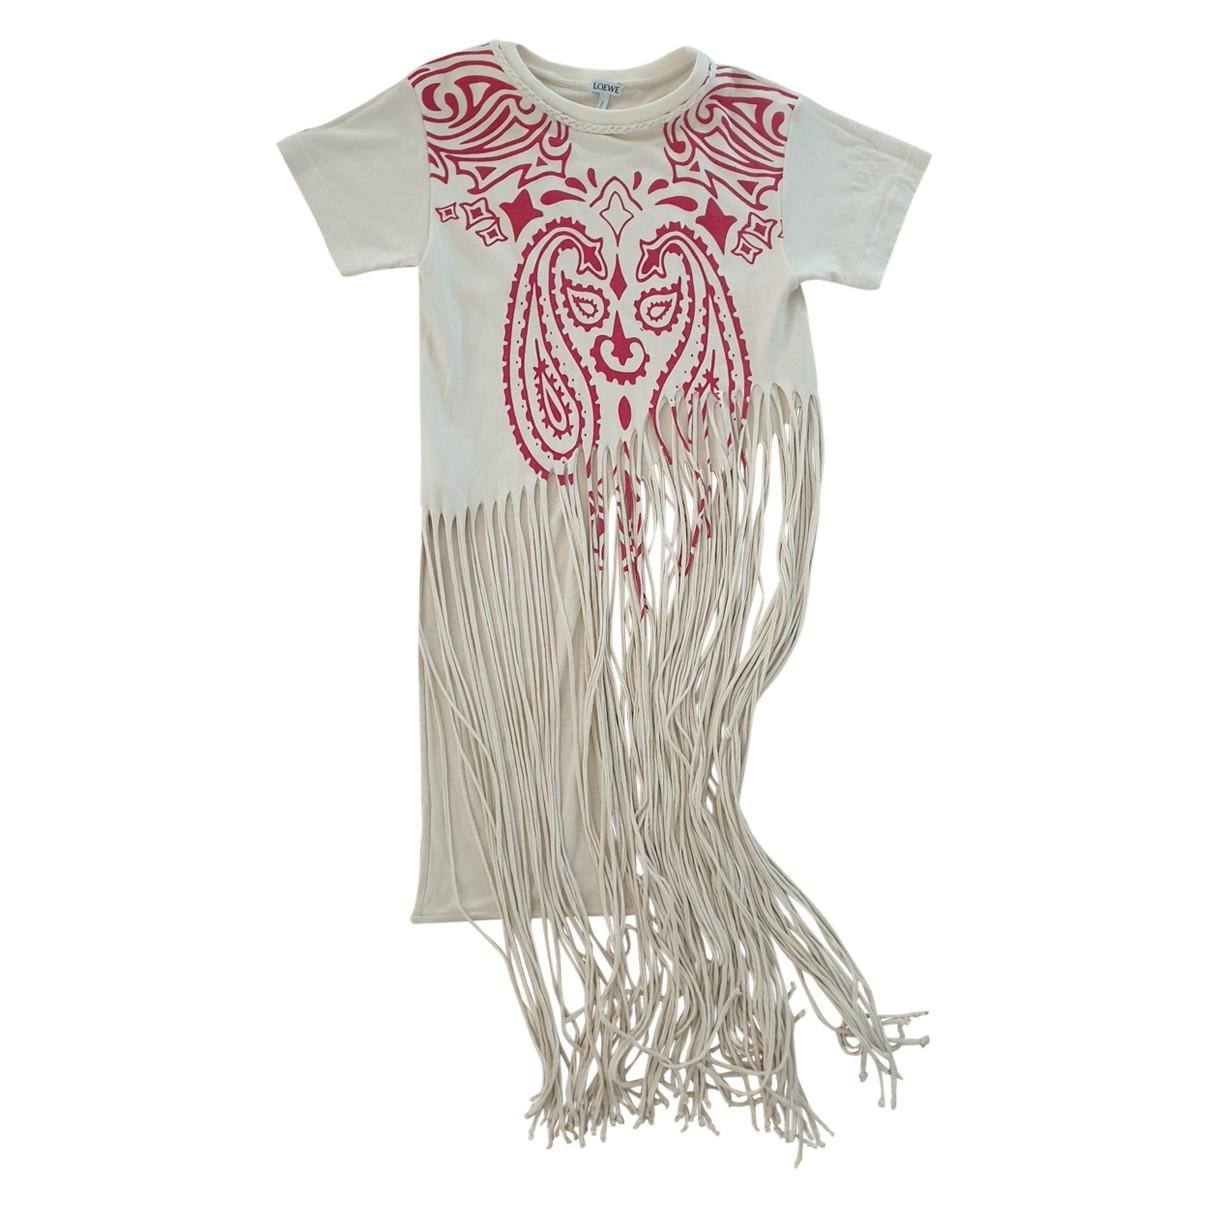 Camiseta Loewe